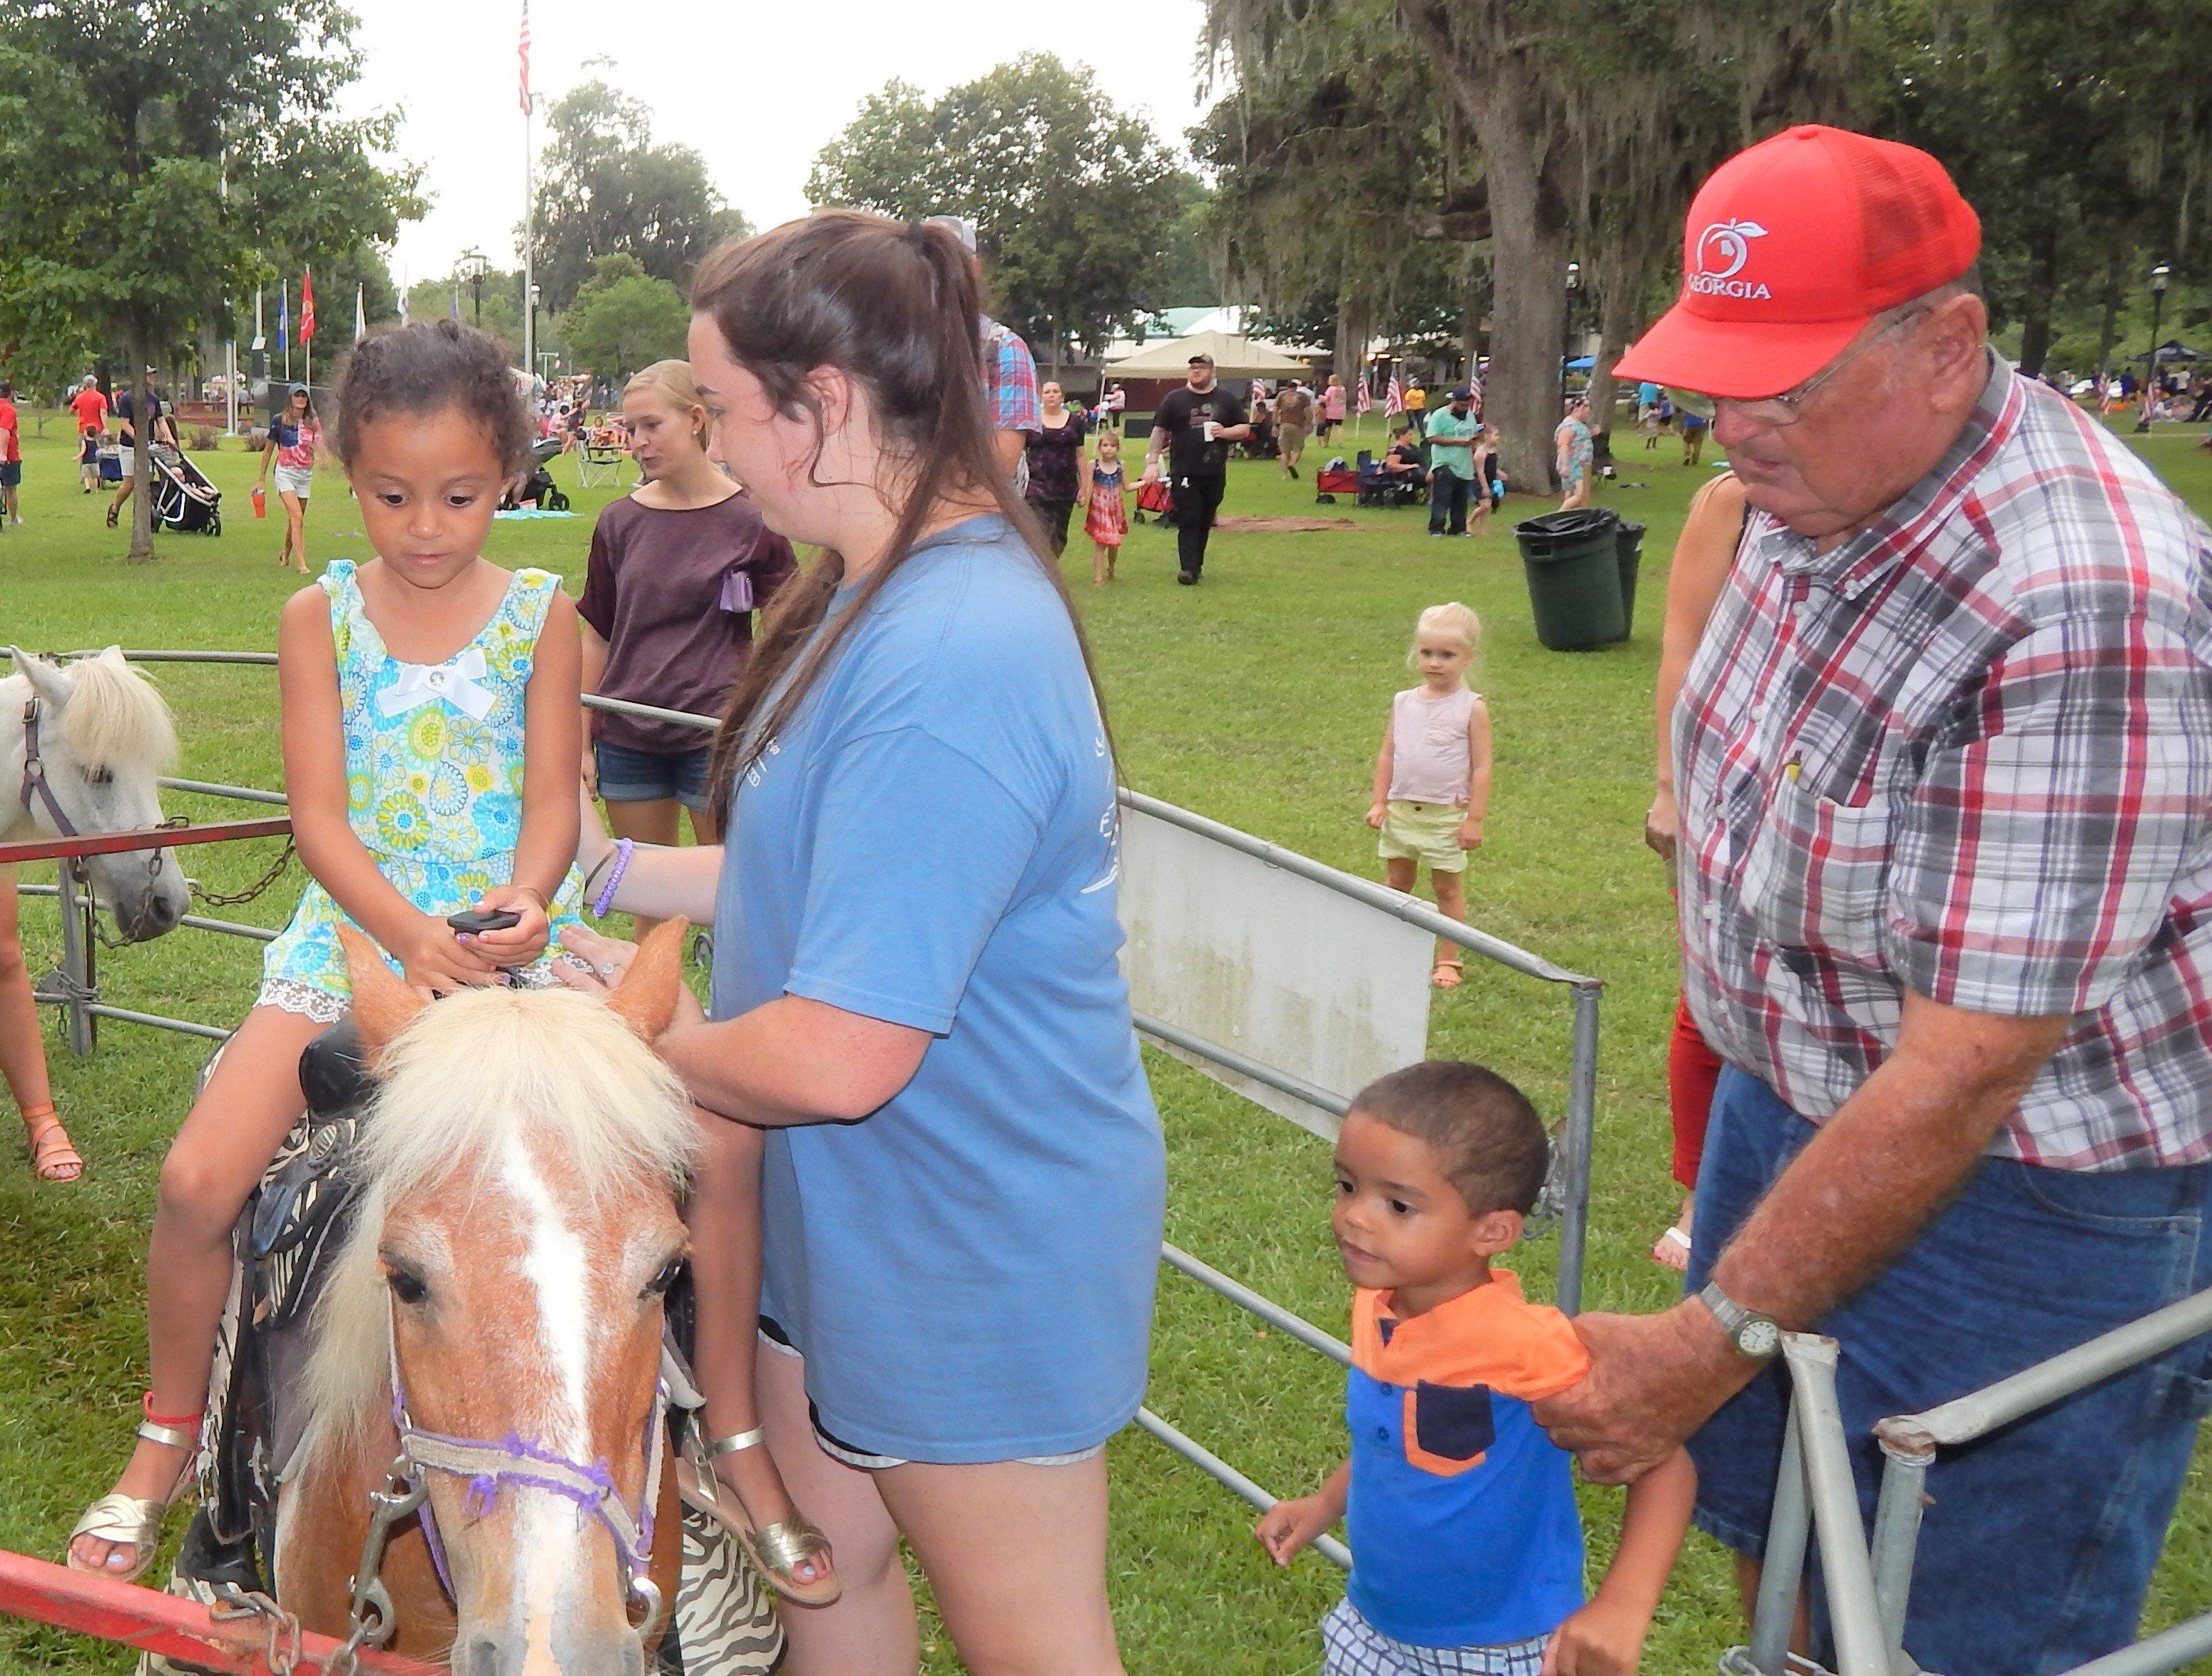 Kids enjoyed the Pony rides. Photo by Mark Swendra.